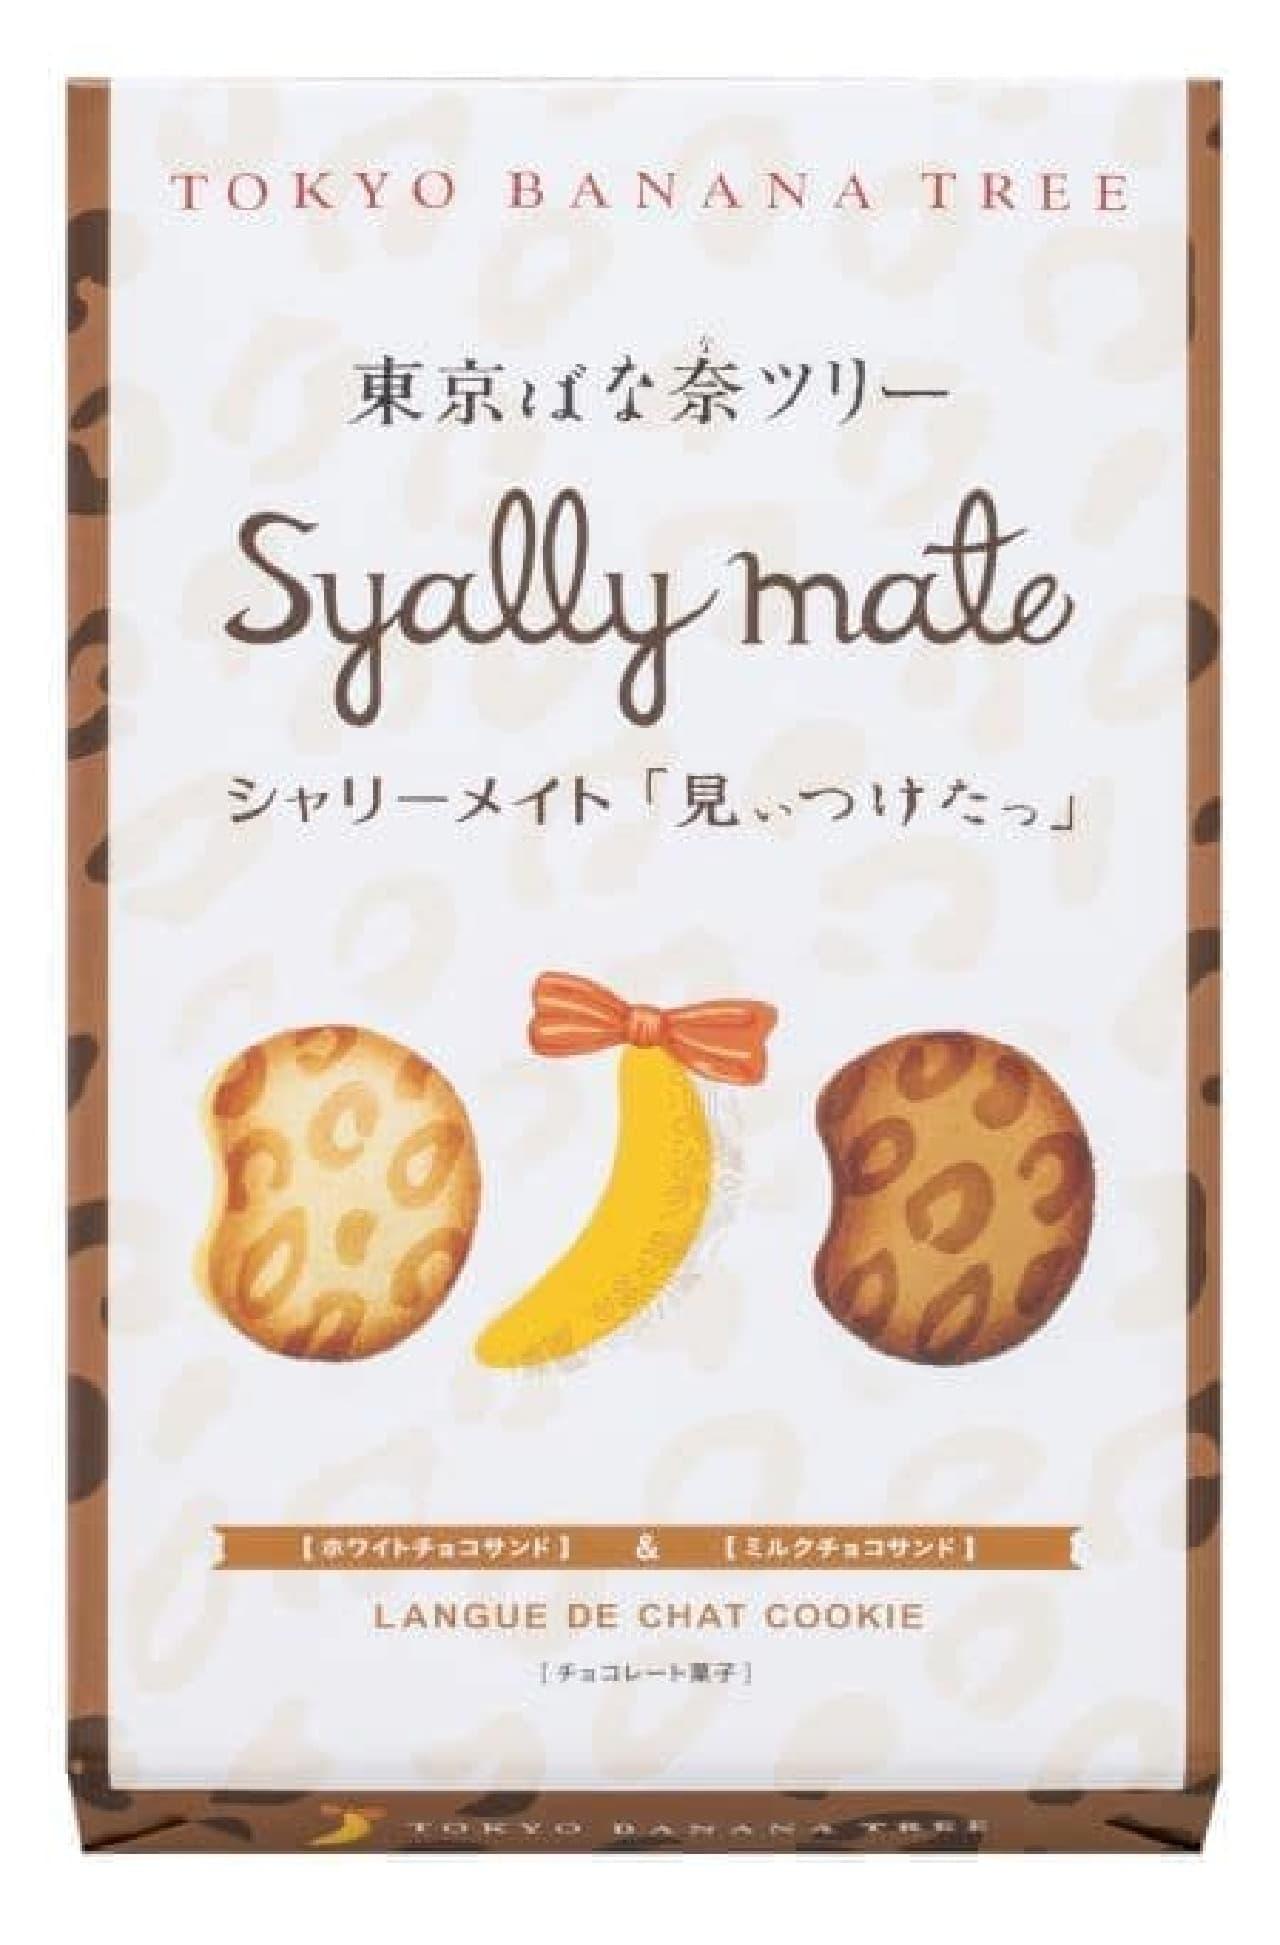 東京ばな奈ツリー シャリーメイトはヒョウ柄が描かれたラングドシャのクッキーサンド